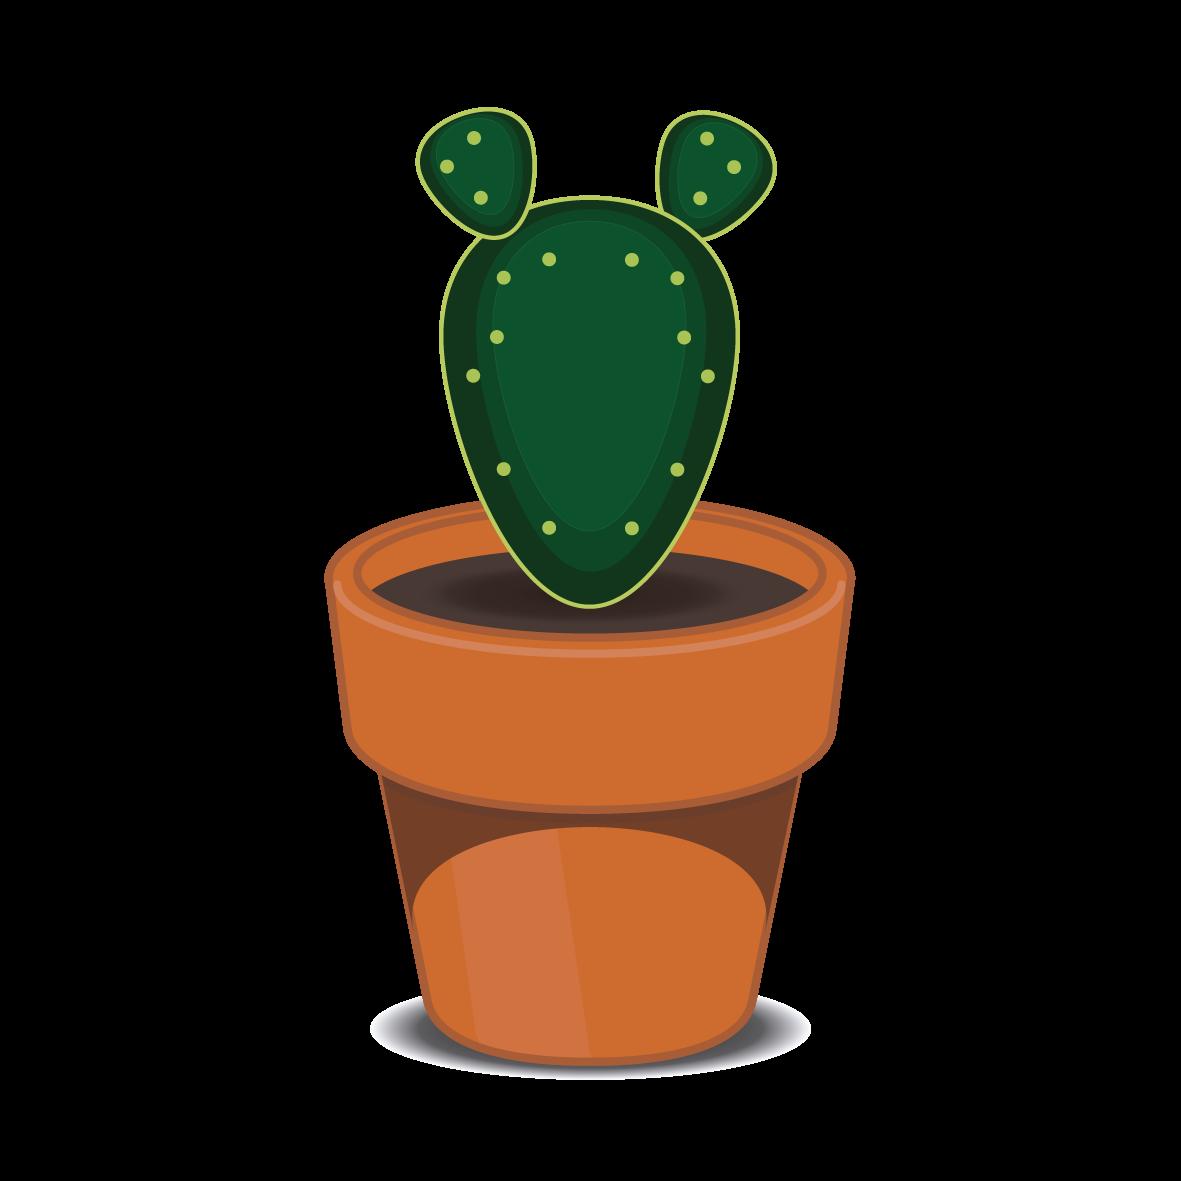 cactus01-10